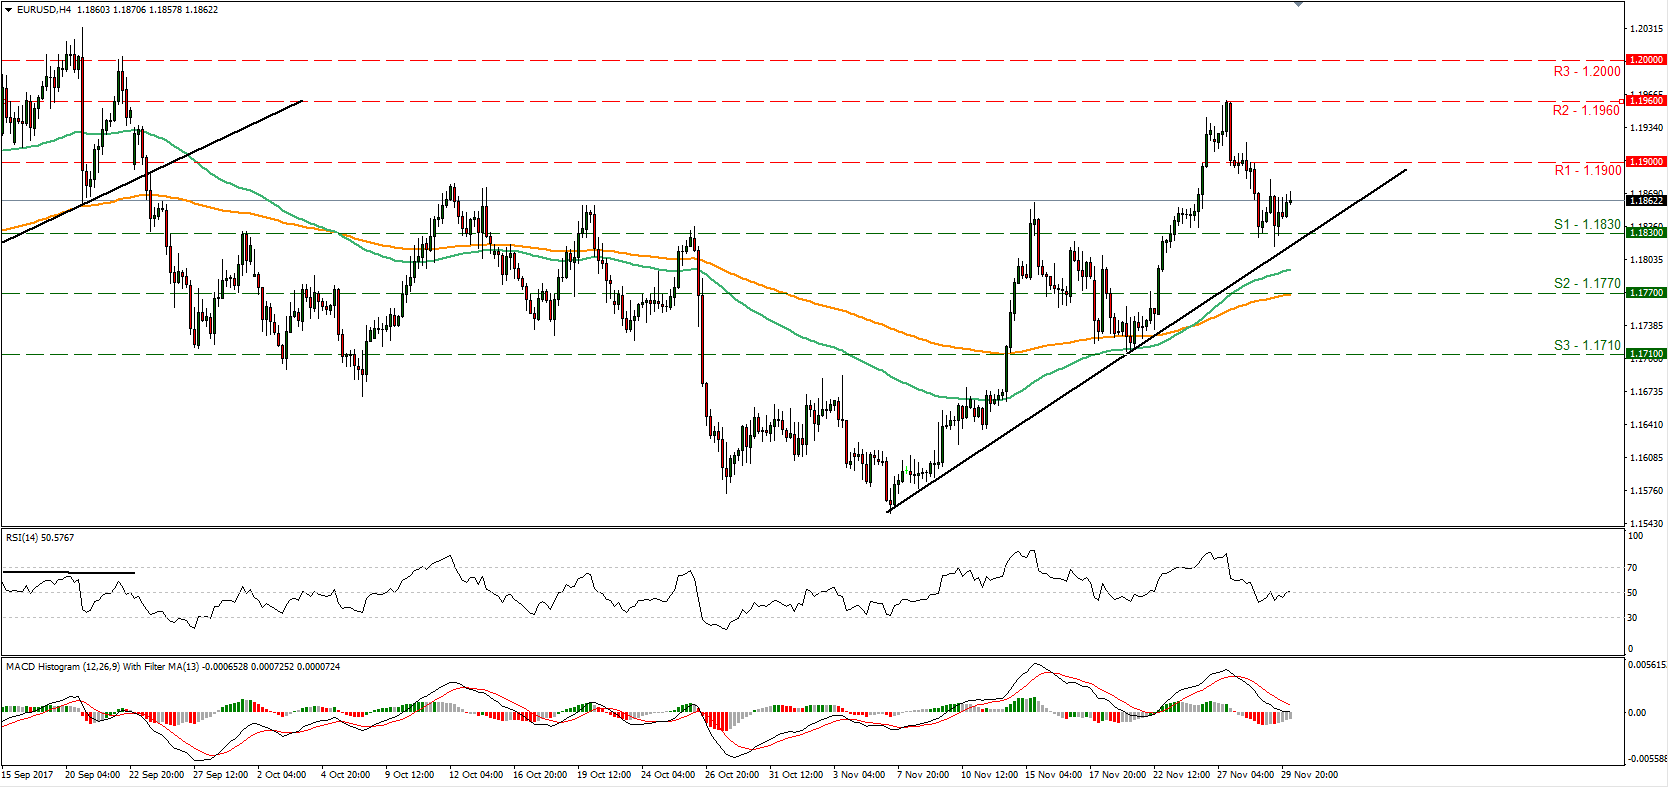 EUR/USD 30 Nov 2017 | Econ Alerts